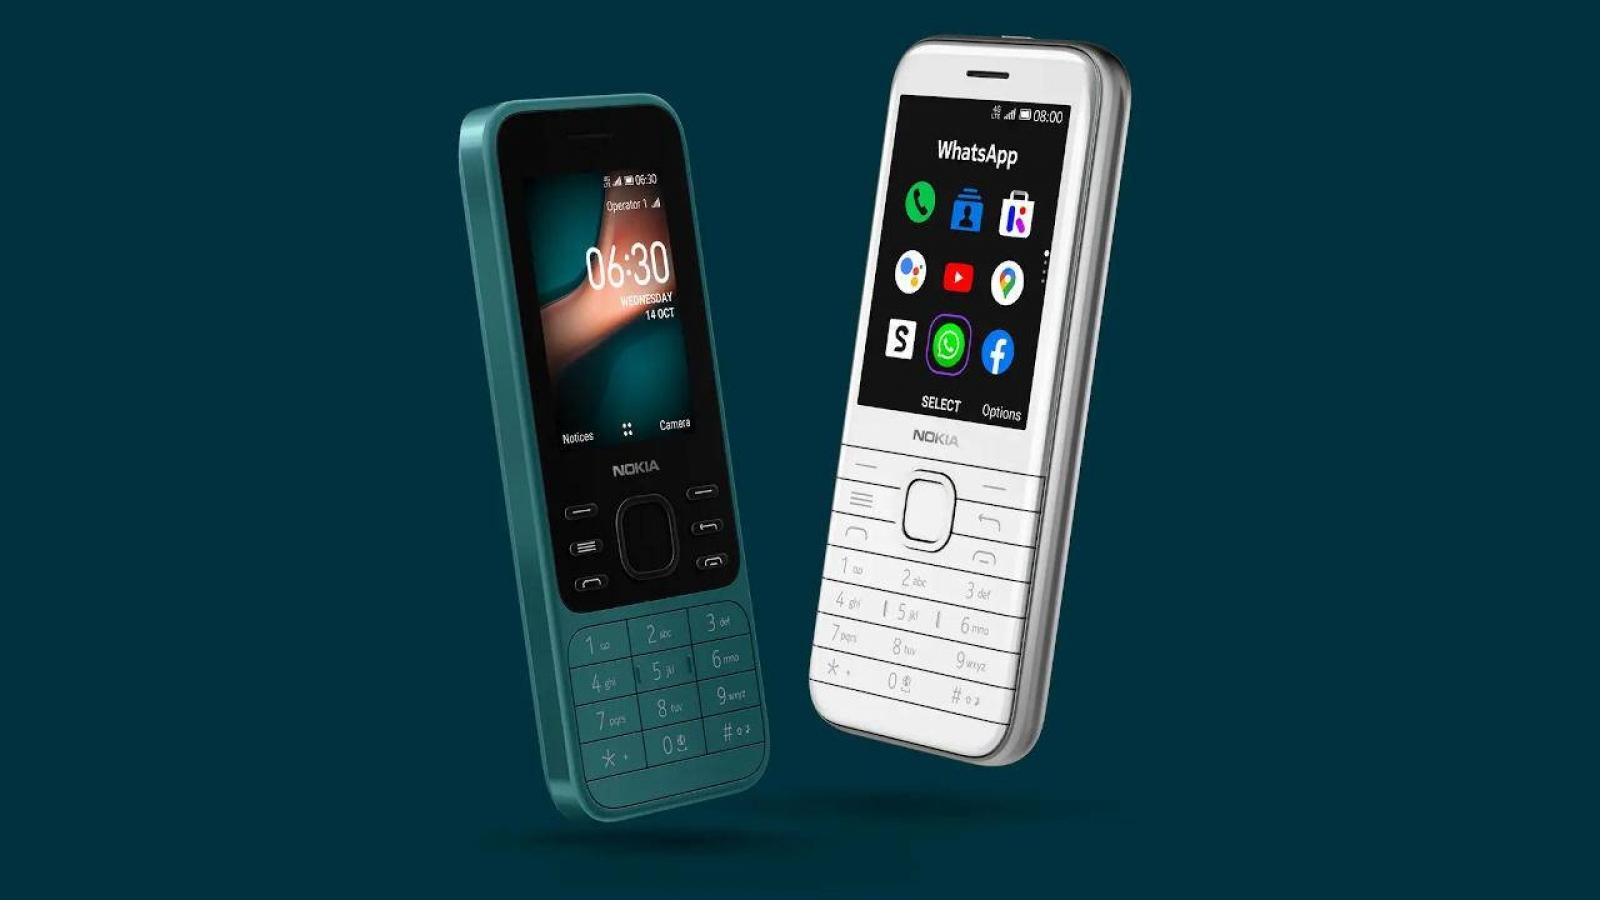 Bộ đôi điện thoại Nokia 4G phổ thông được chờ đợi, giá từ 58 USD